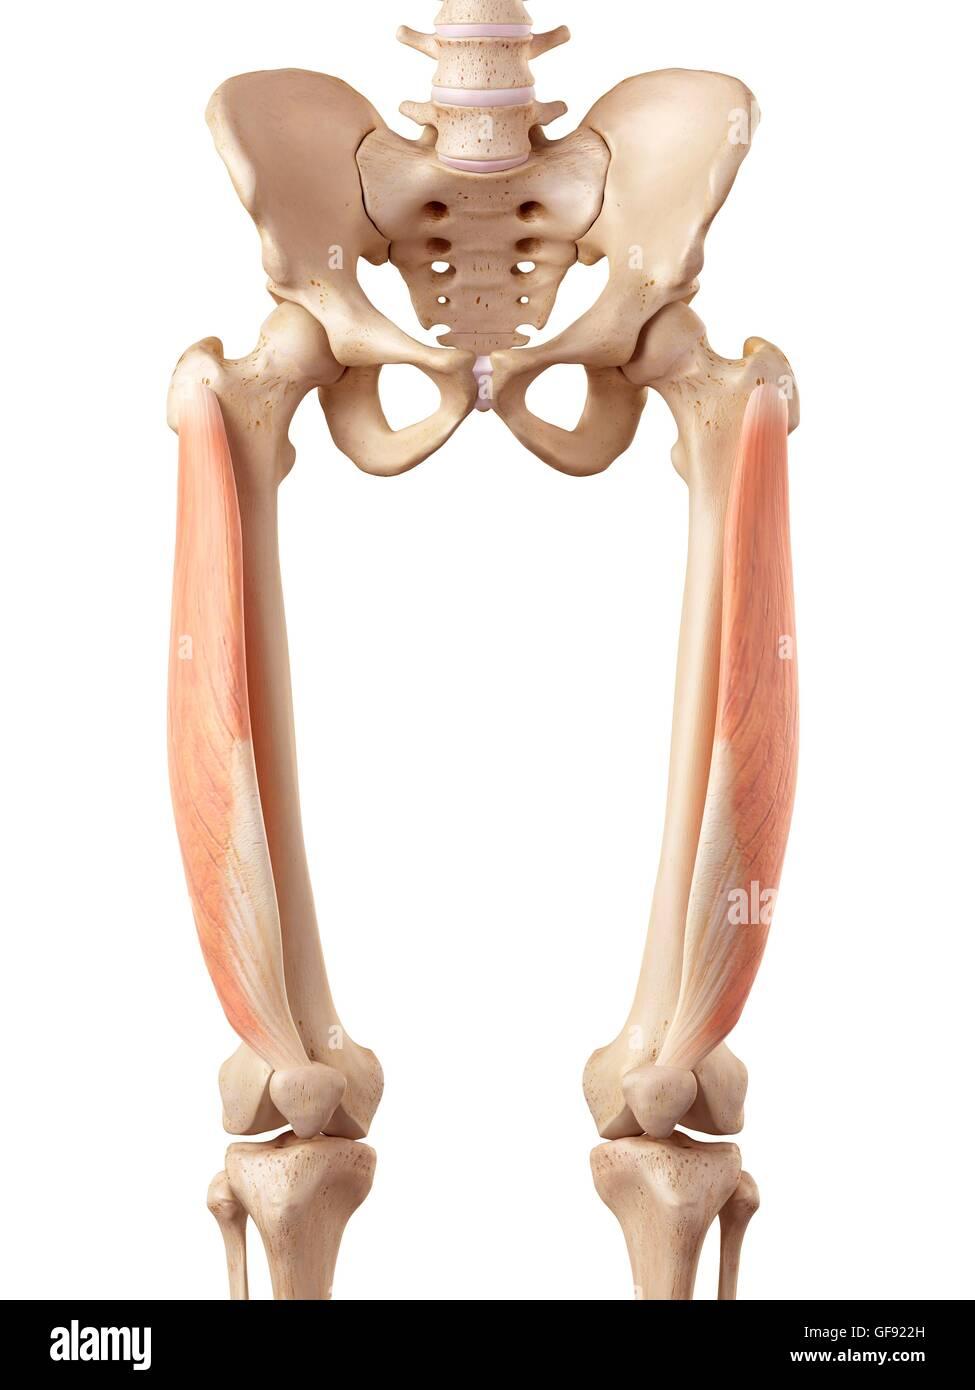 Ausgezeichnet Muskeln Der Oberen Extremität Anatomie Galerie ...